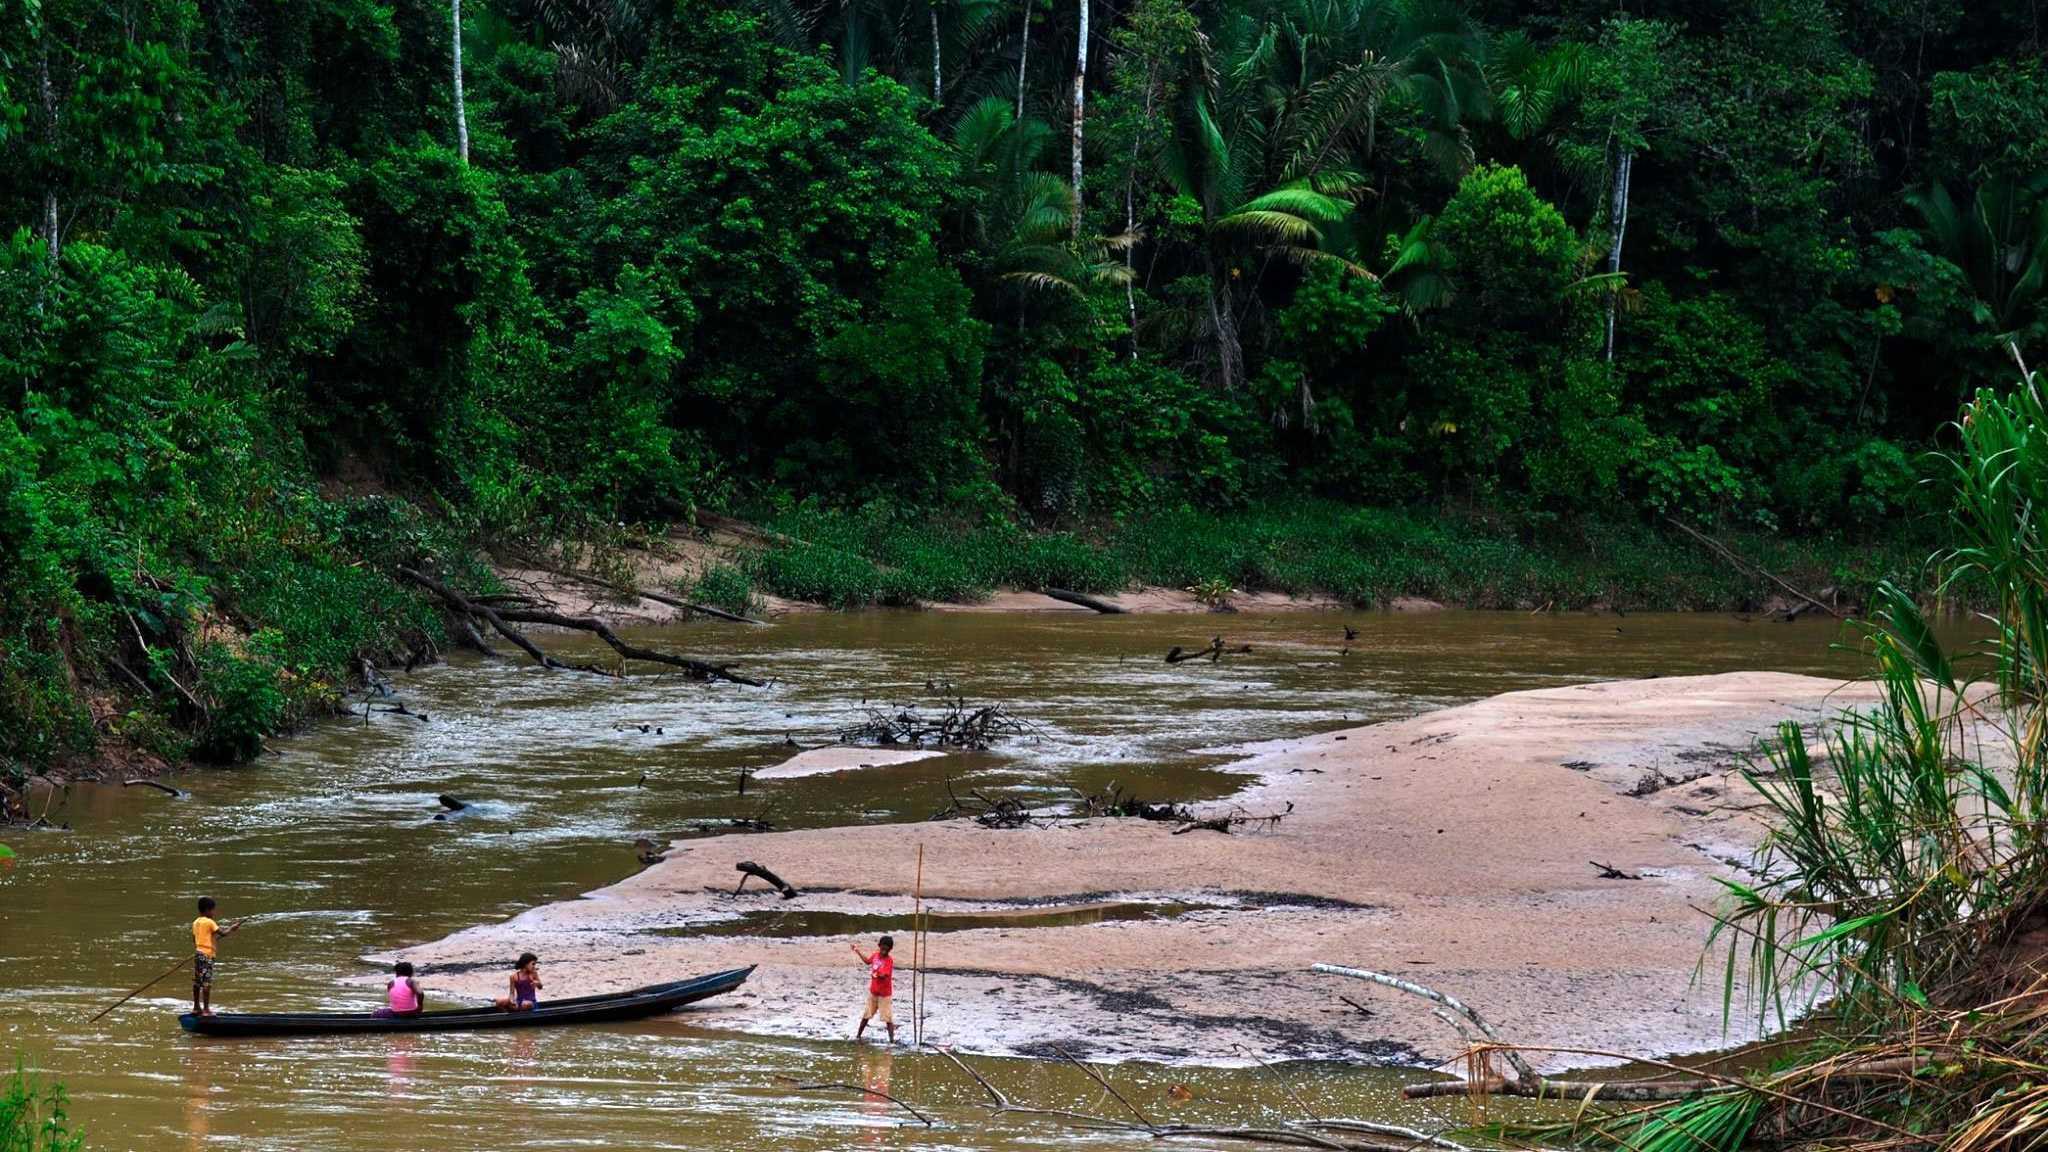 Охоту в тропических лесах назвали экологичной альтернативой скотоводству